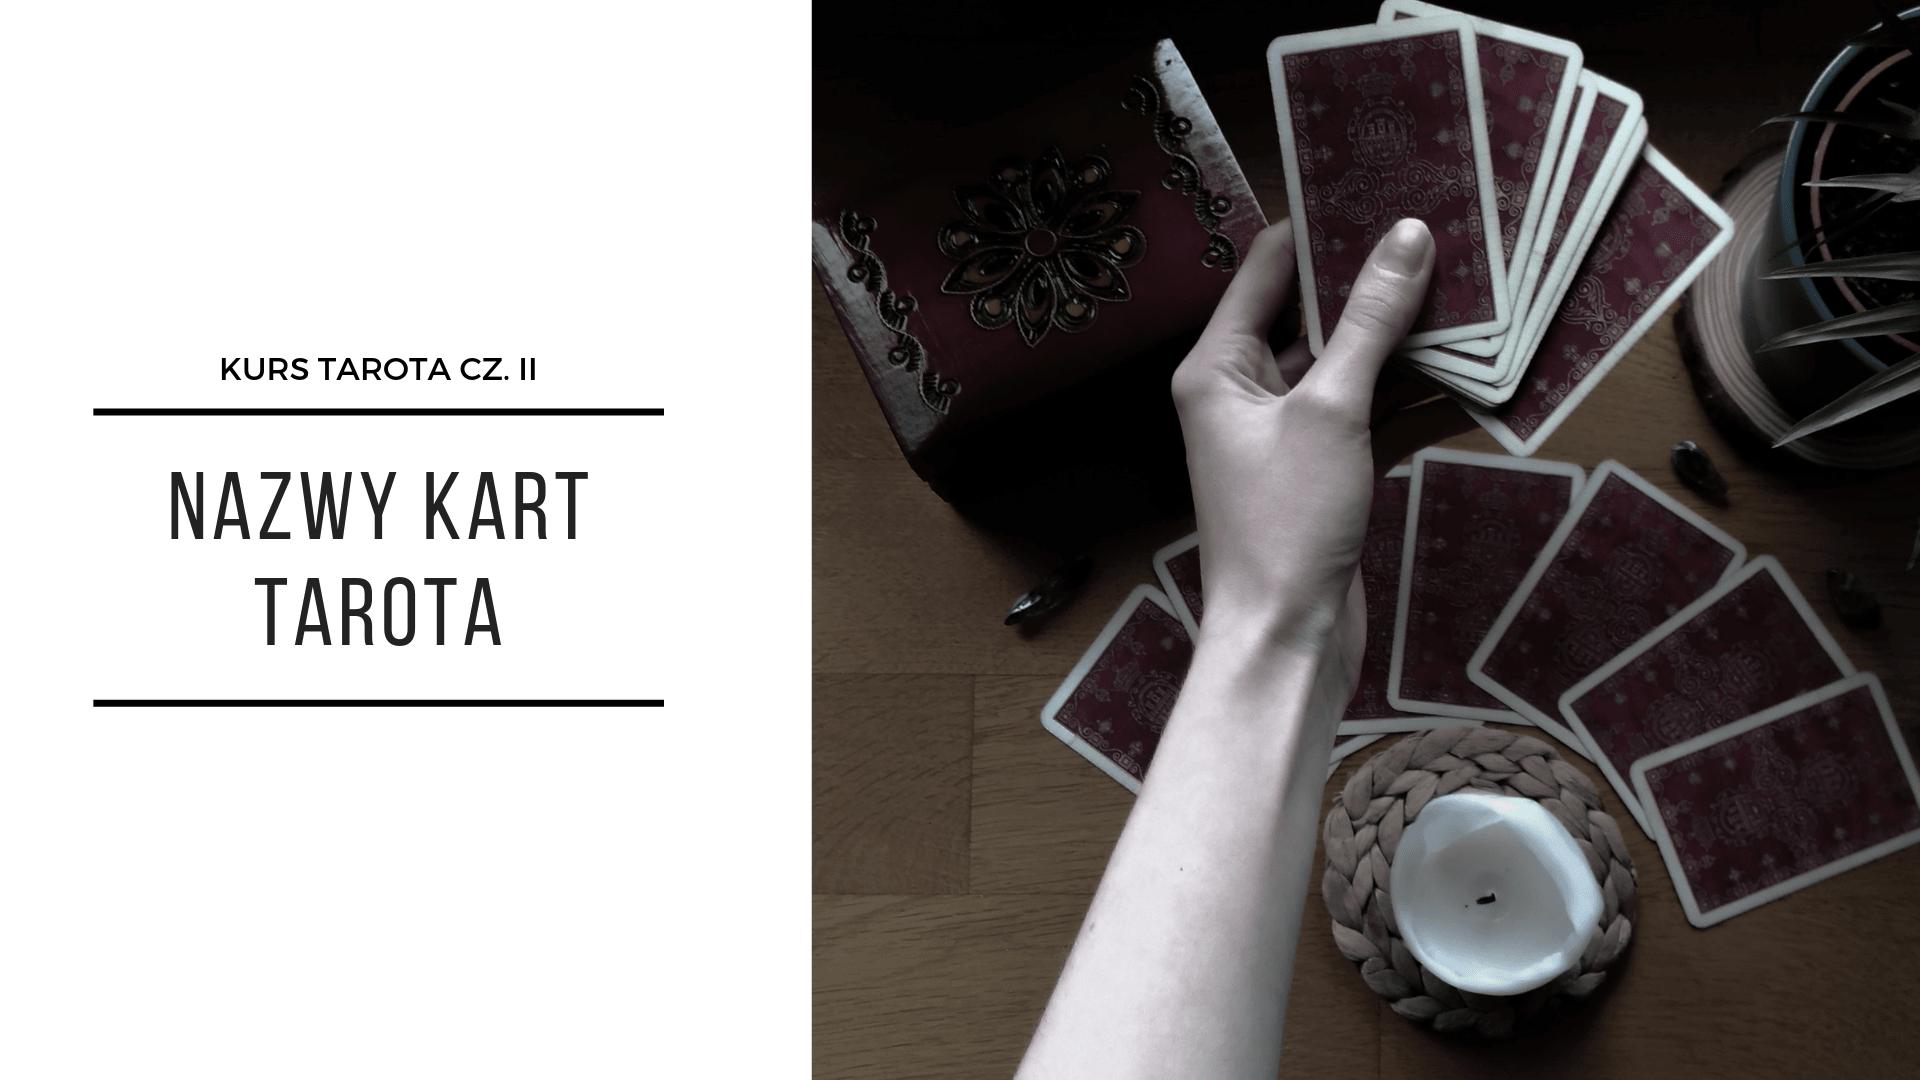 Talia Kart Tarota i nazwy Kart – darmowy Kurs Tarota Część II 2